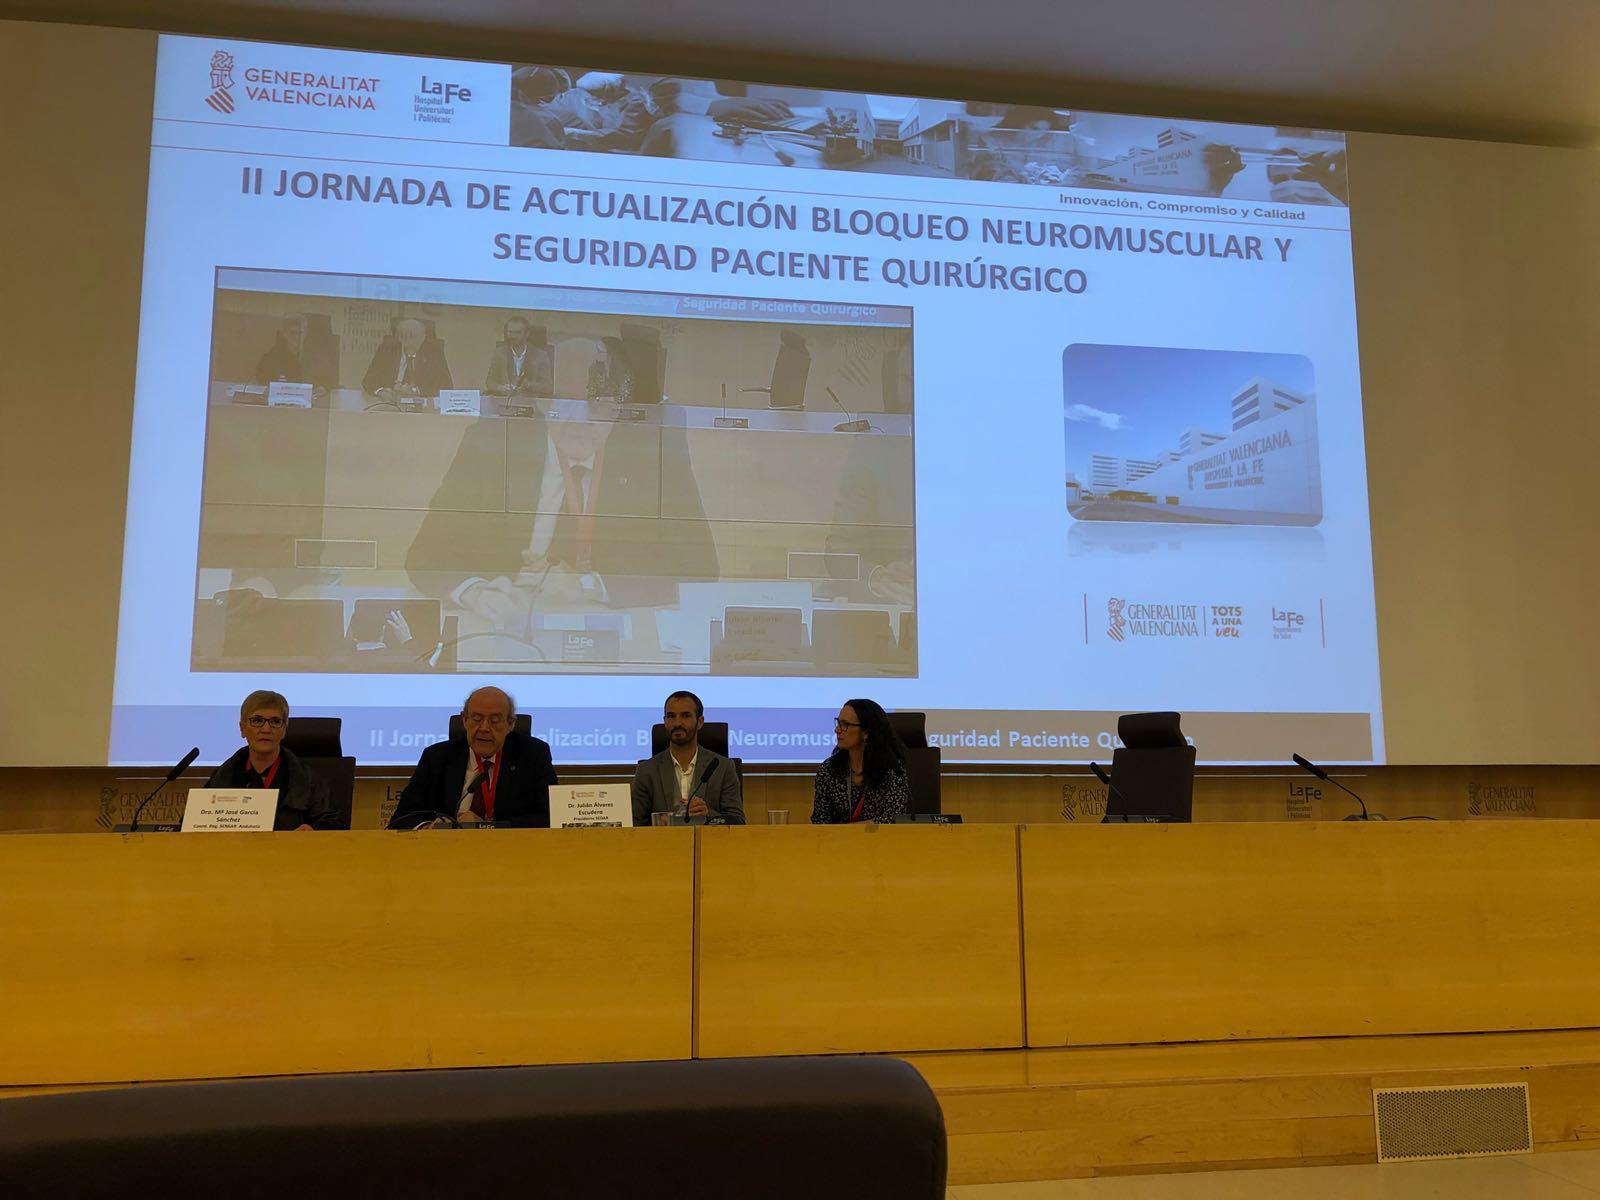 II jornada de actualización en bloqueo neuromuscular y seguridad del paciente en el Hospital Universitario La Fe